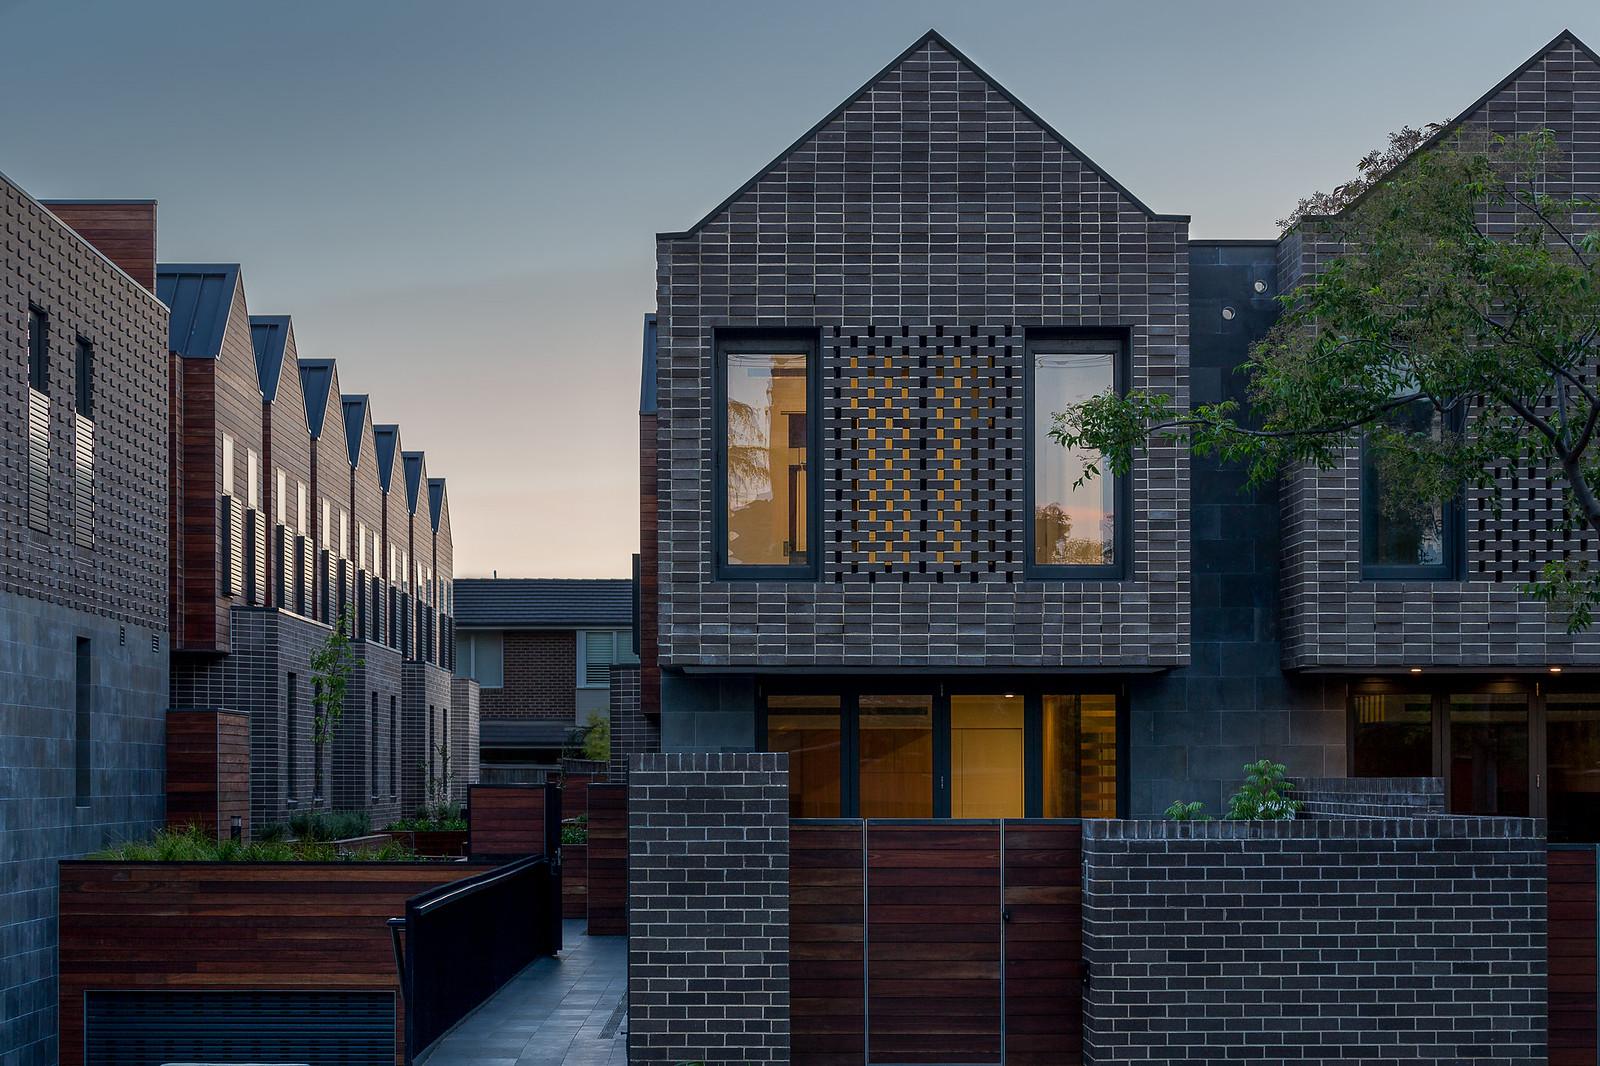 Hawthorn Terrace Houses